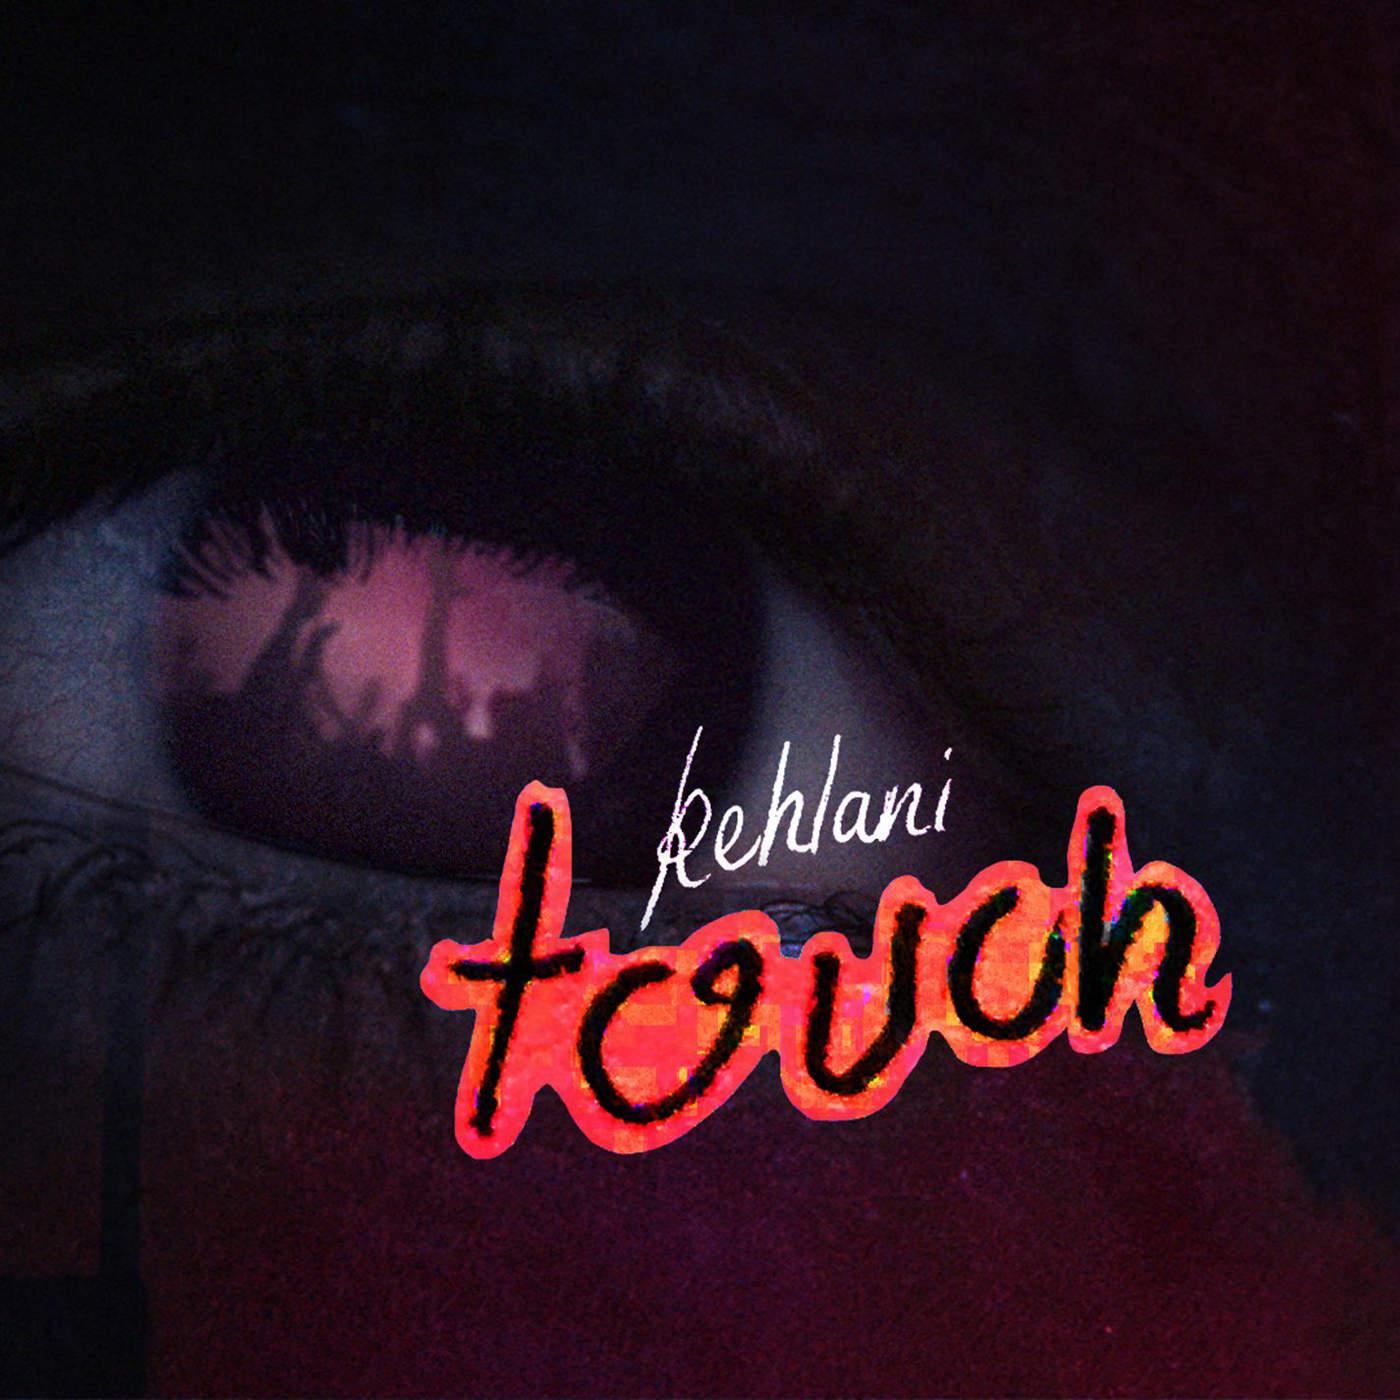 Kehlani - Touch - Single